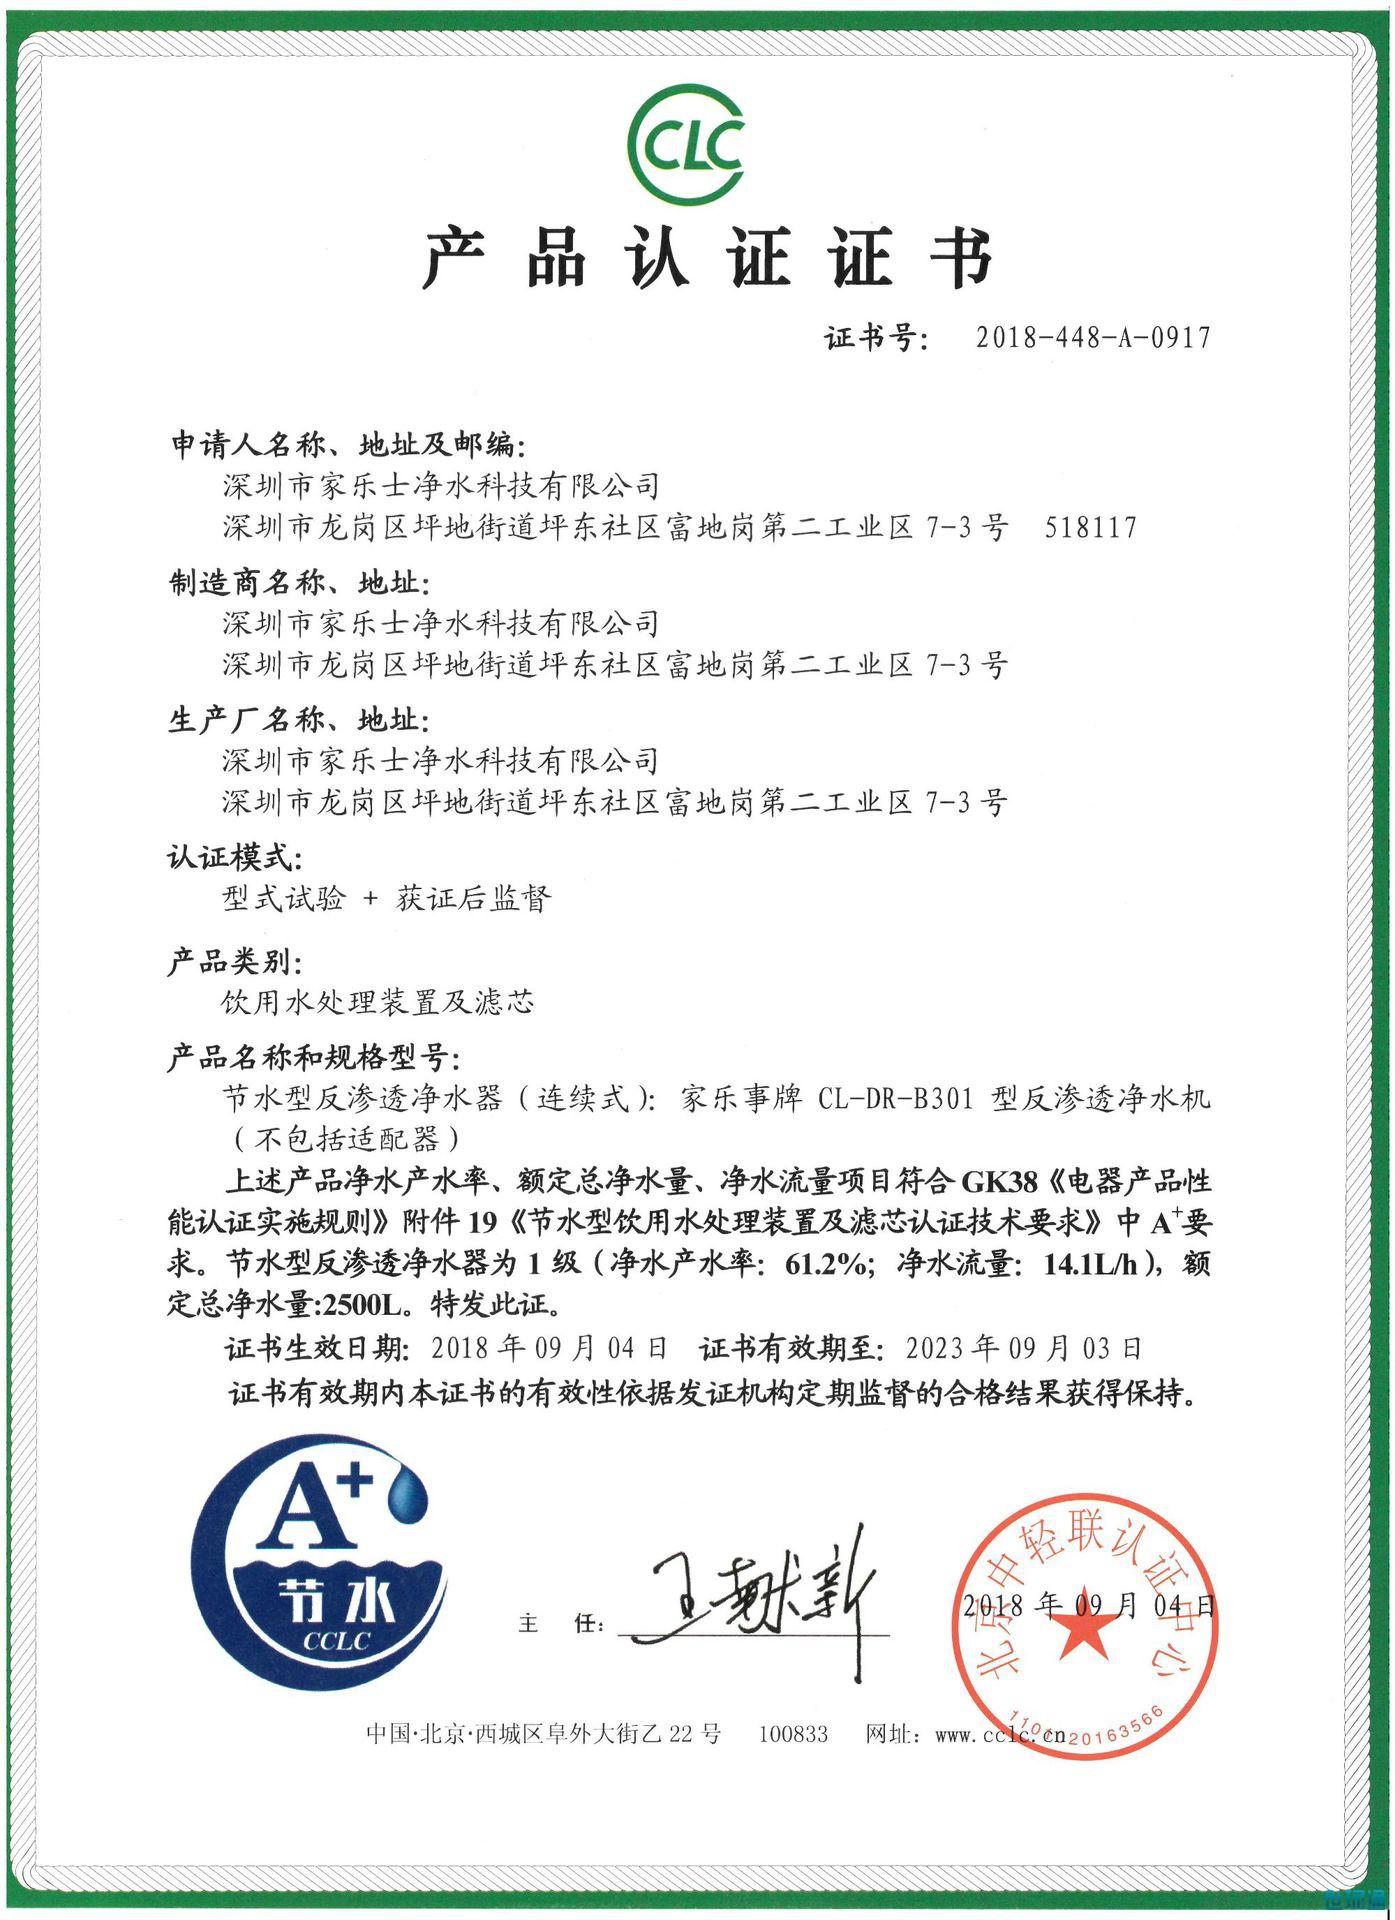 B301 A+节水认证证书.jpg